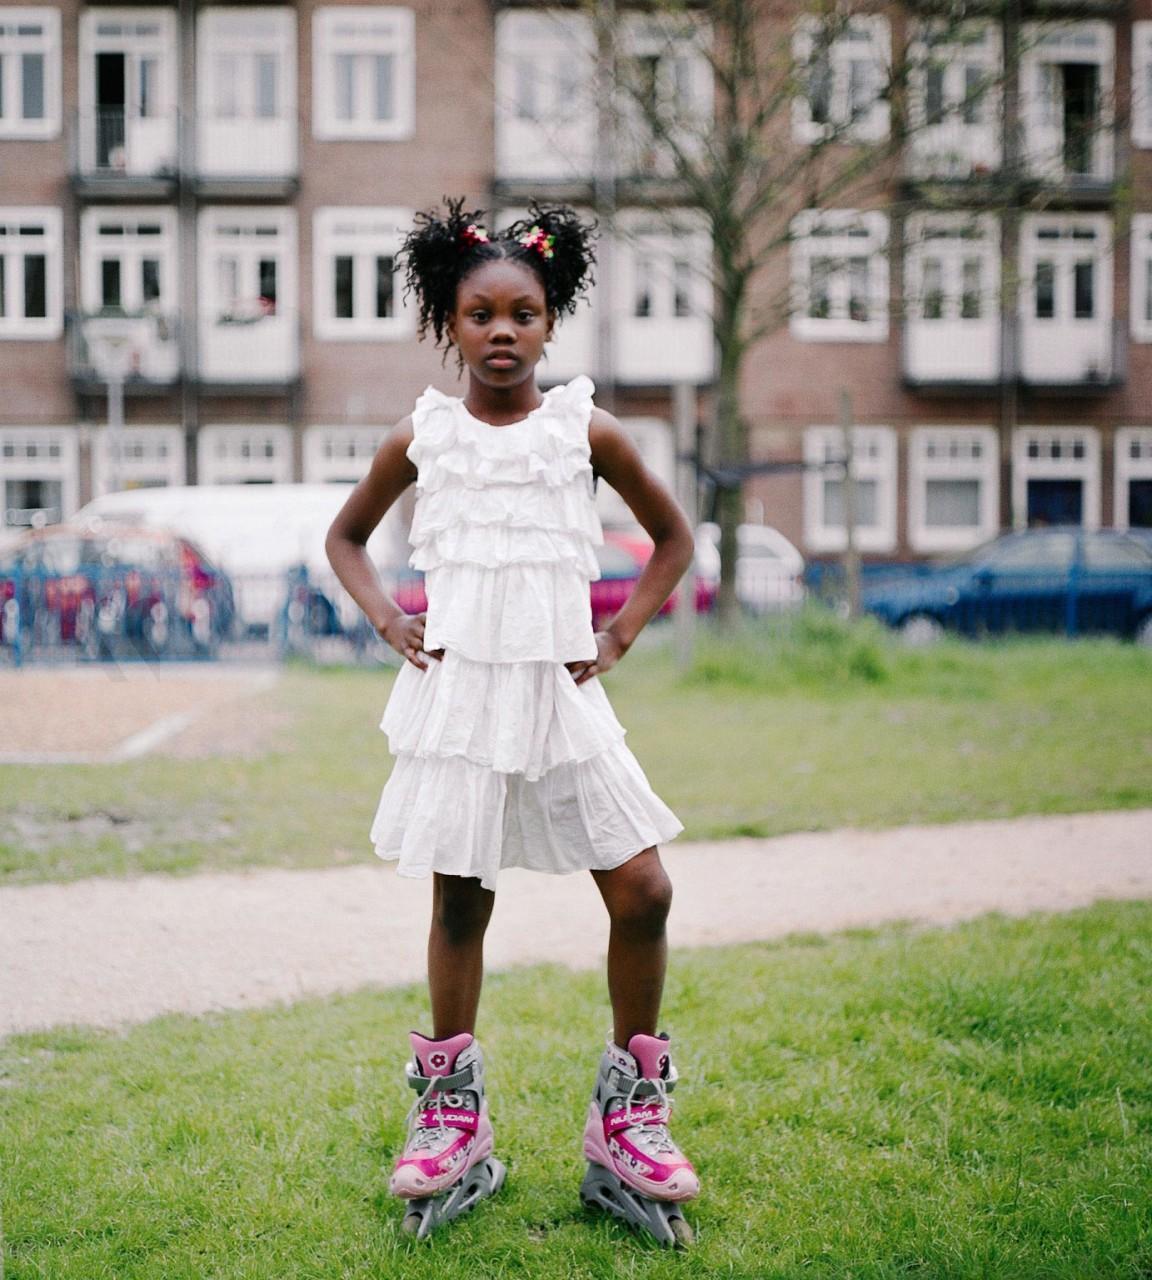 Rollerskate girl, 2007